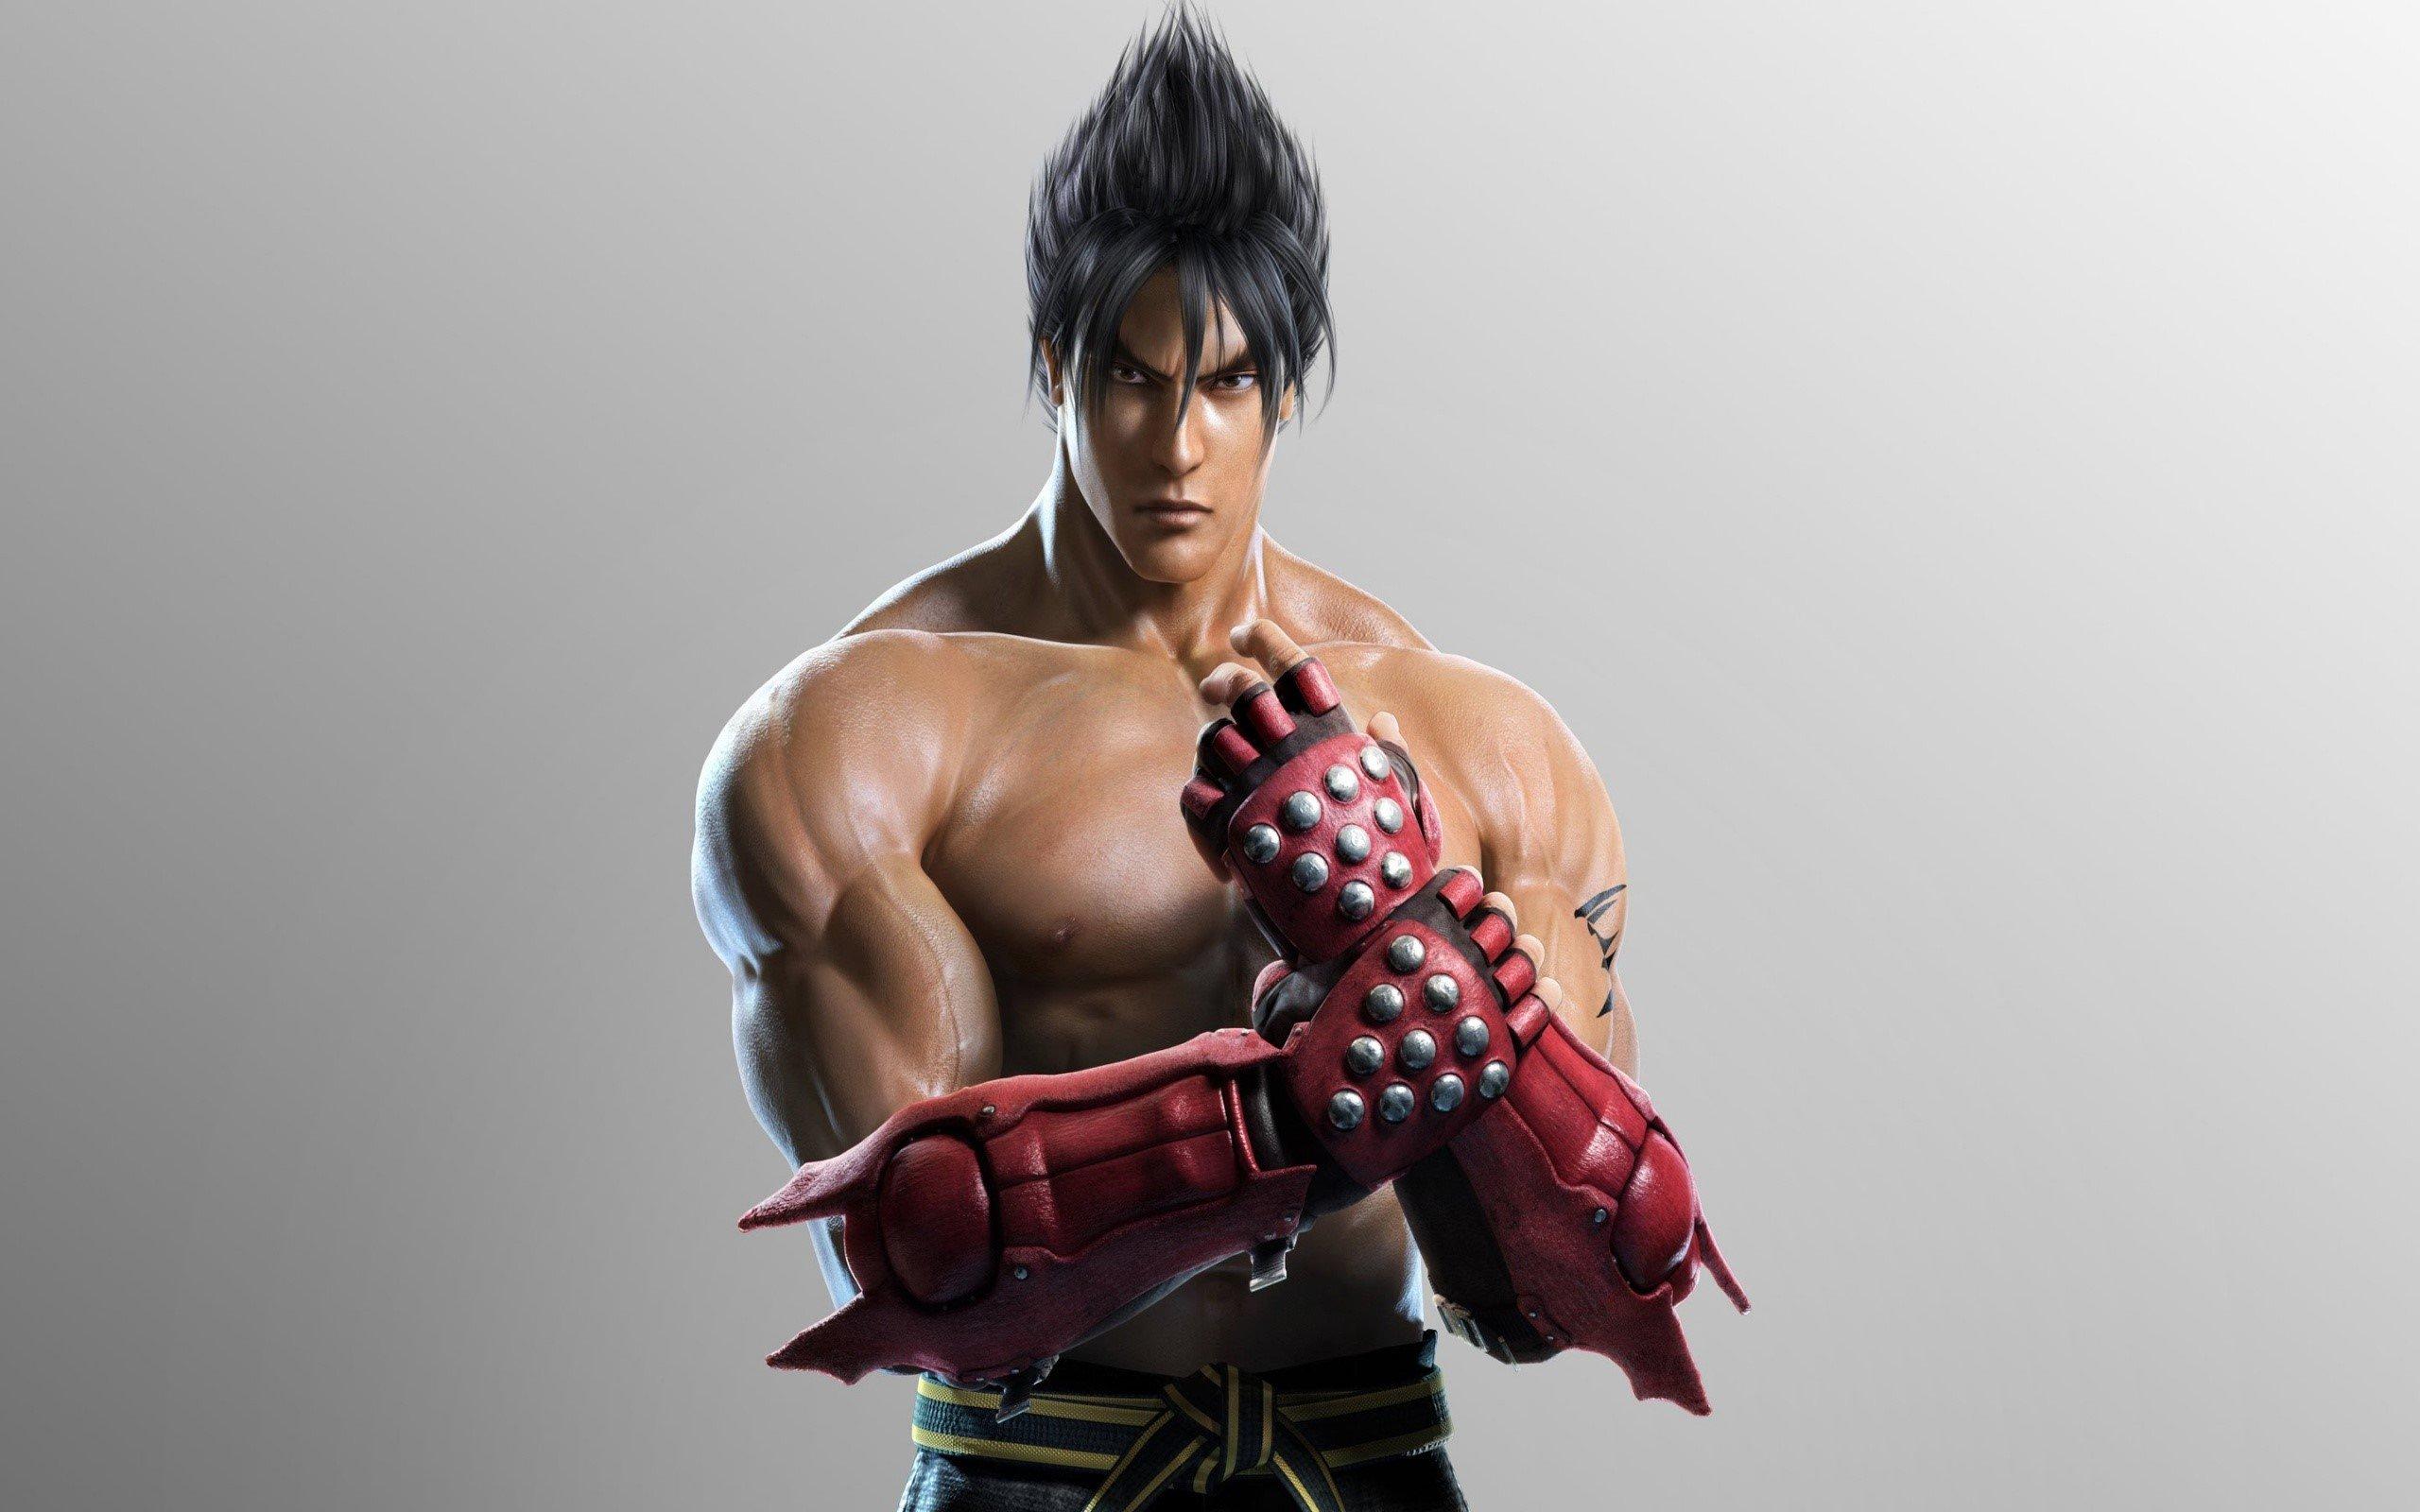 Fondo de pantalla de JIn Kazama de Tekken Imágenes